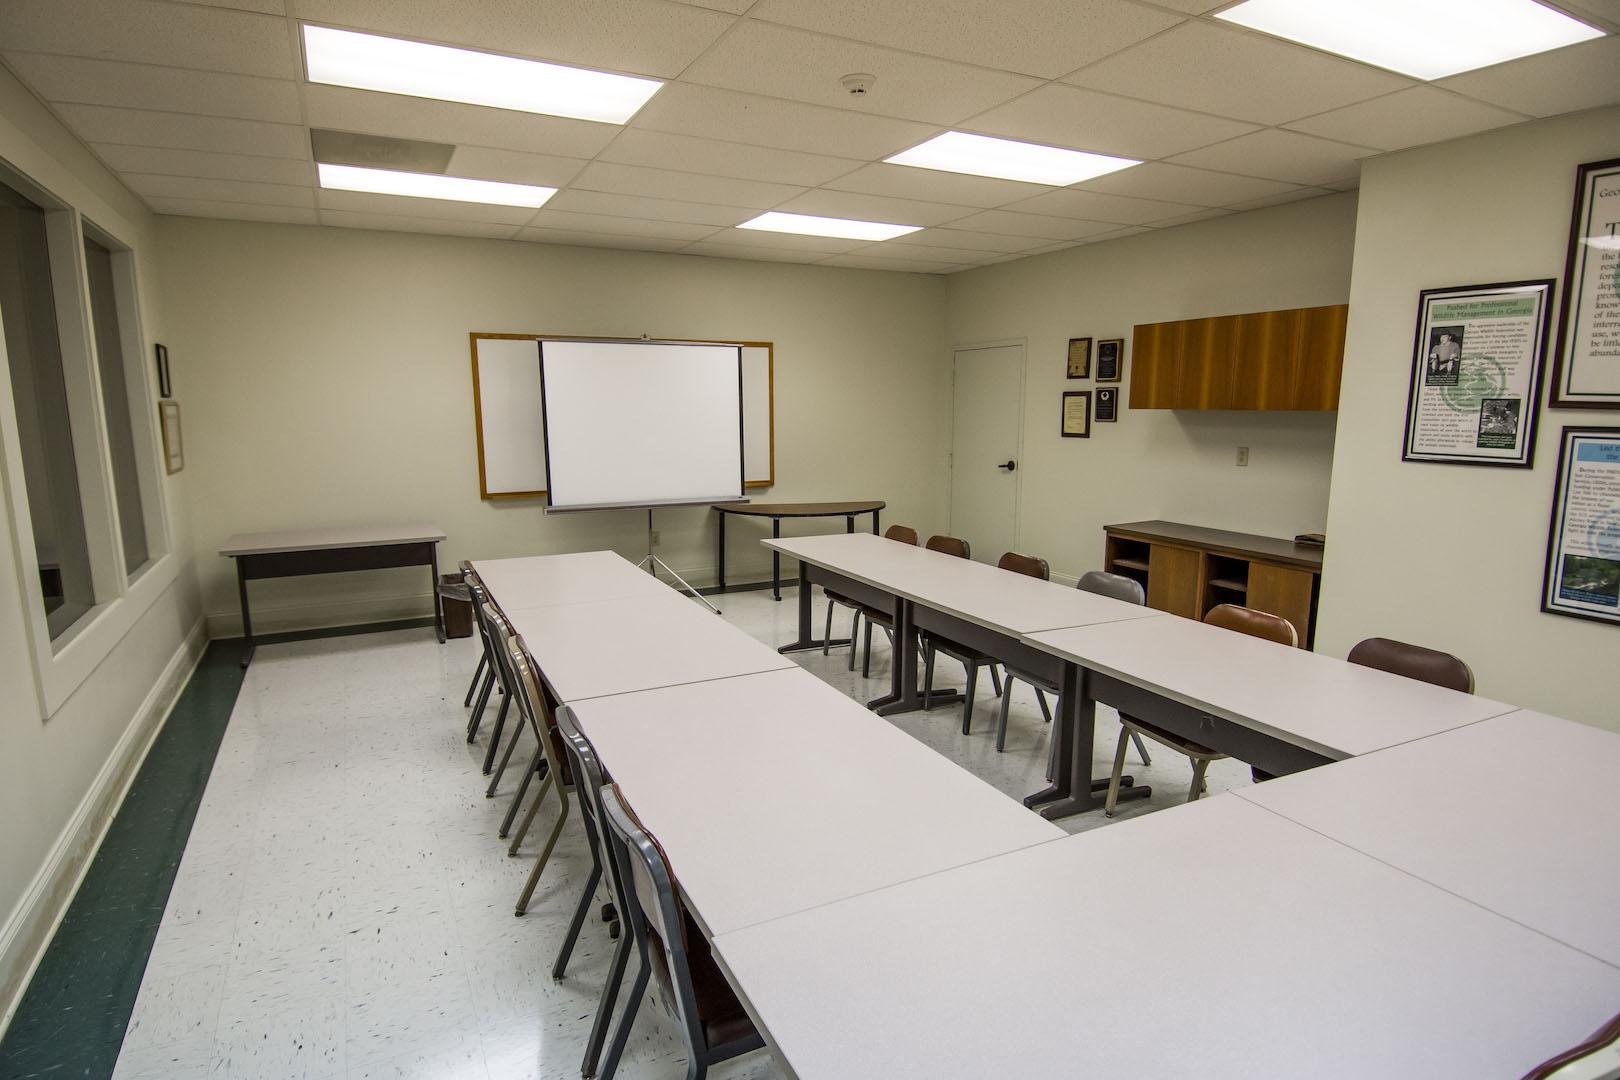 Rithmire Classroom